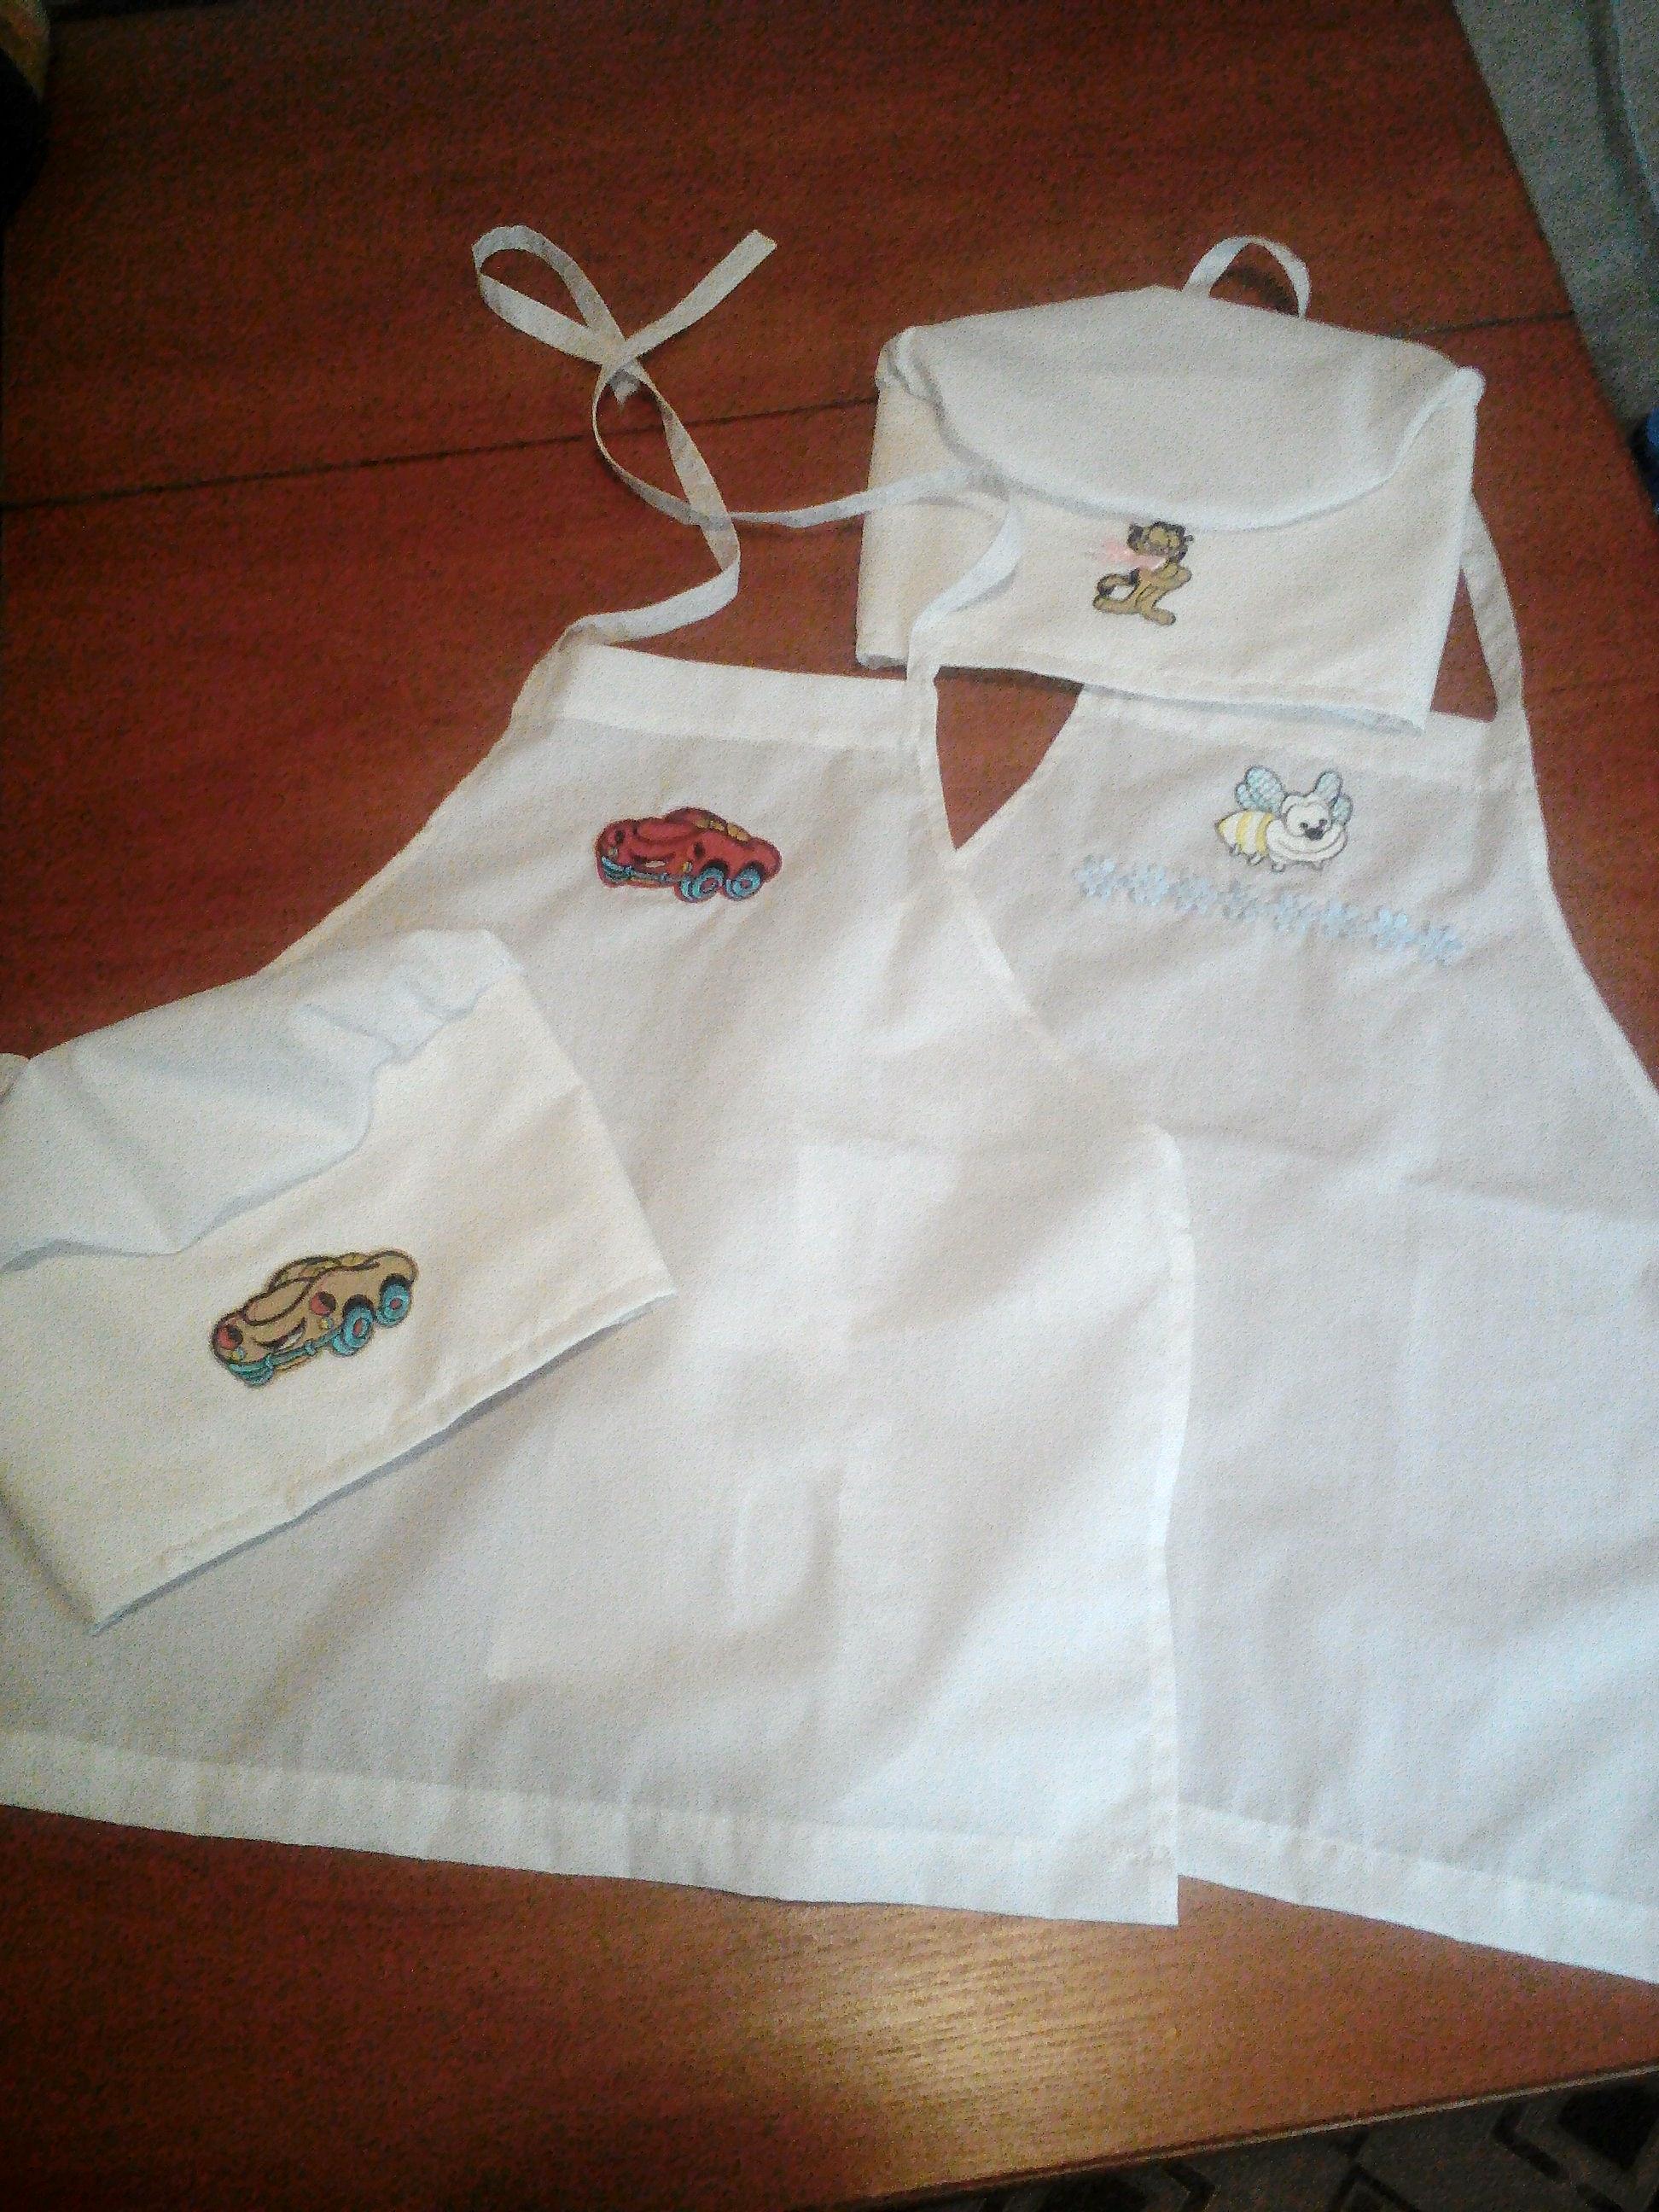 Фото Виготовлено 2 дитячі фартука і поварські ковкачки. Крій, дизайн, пошиття, прикрашання аплікаціями.